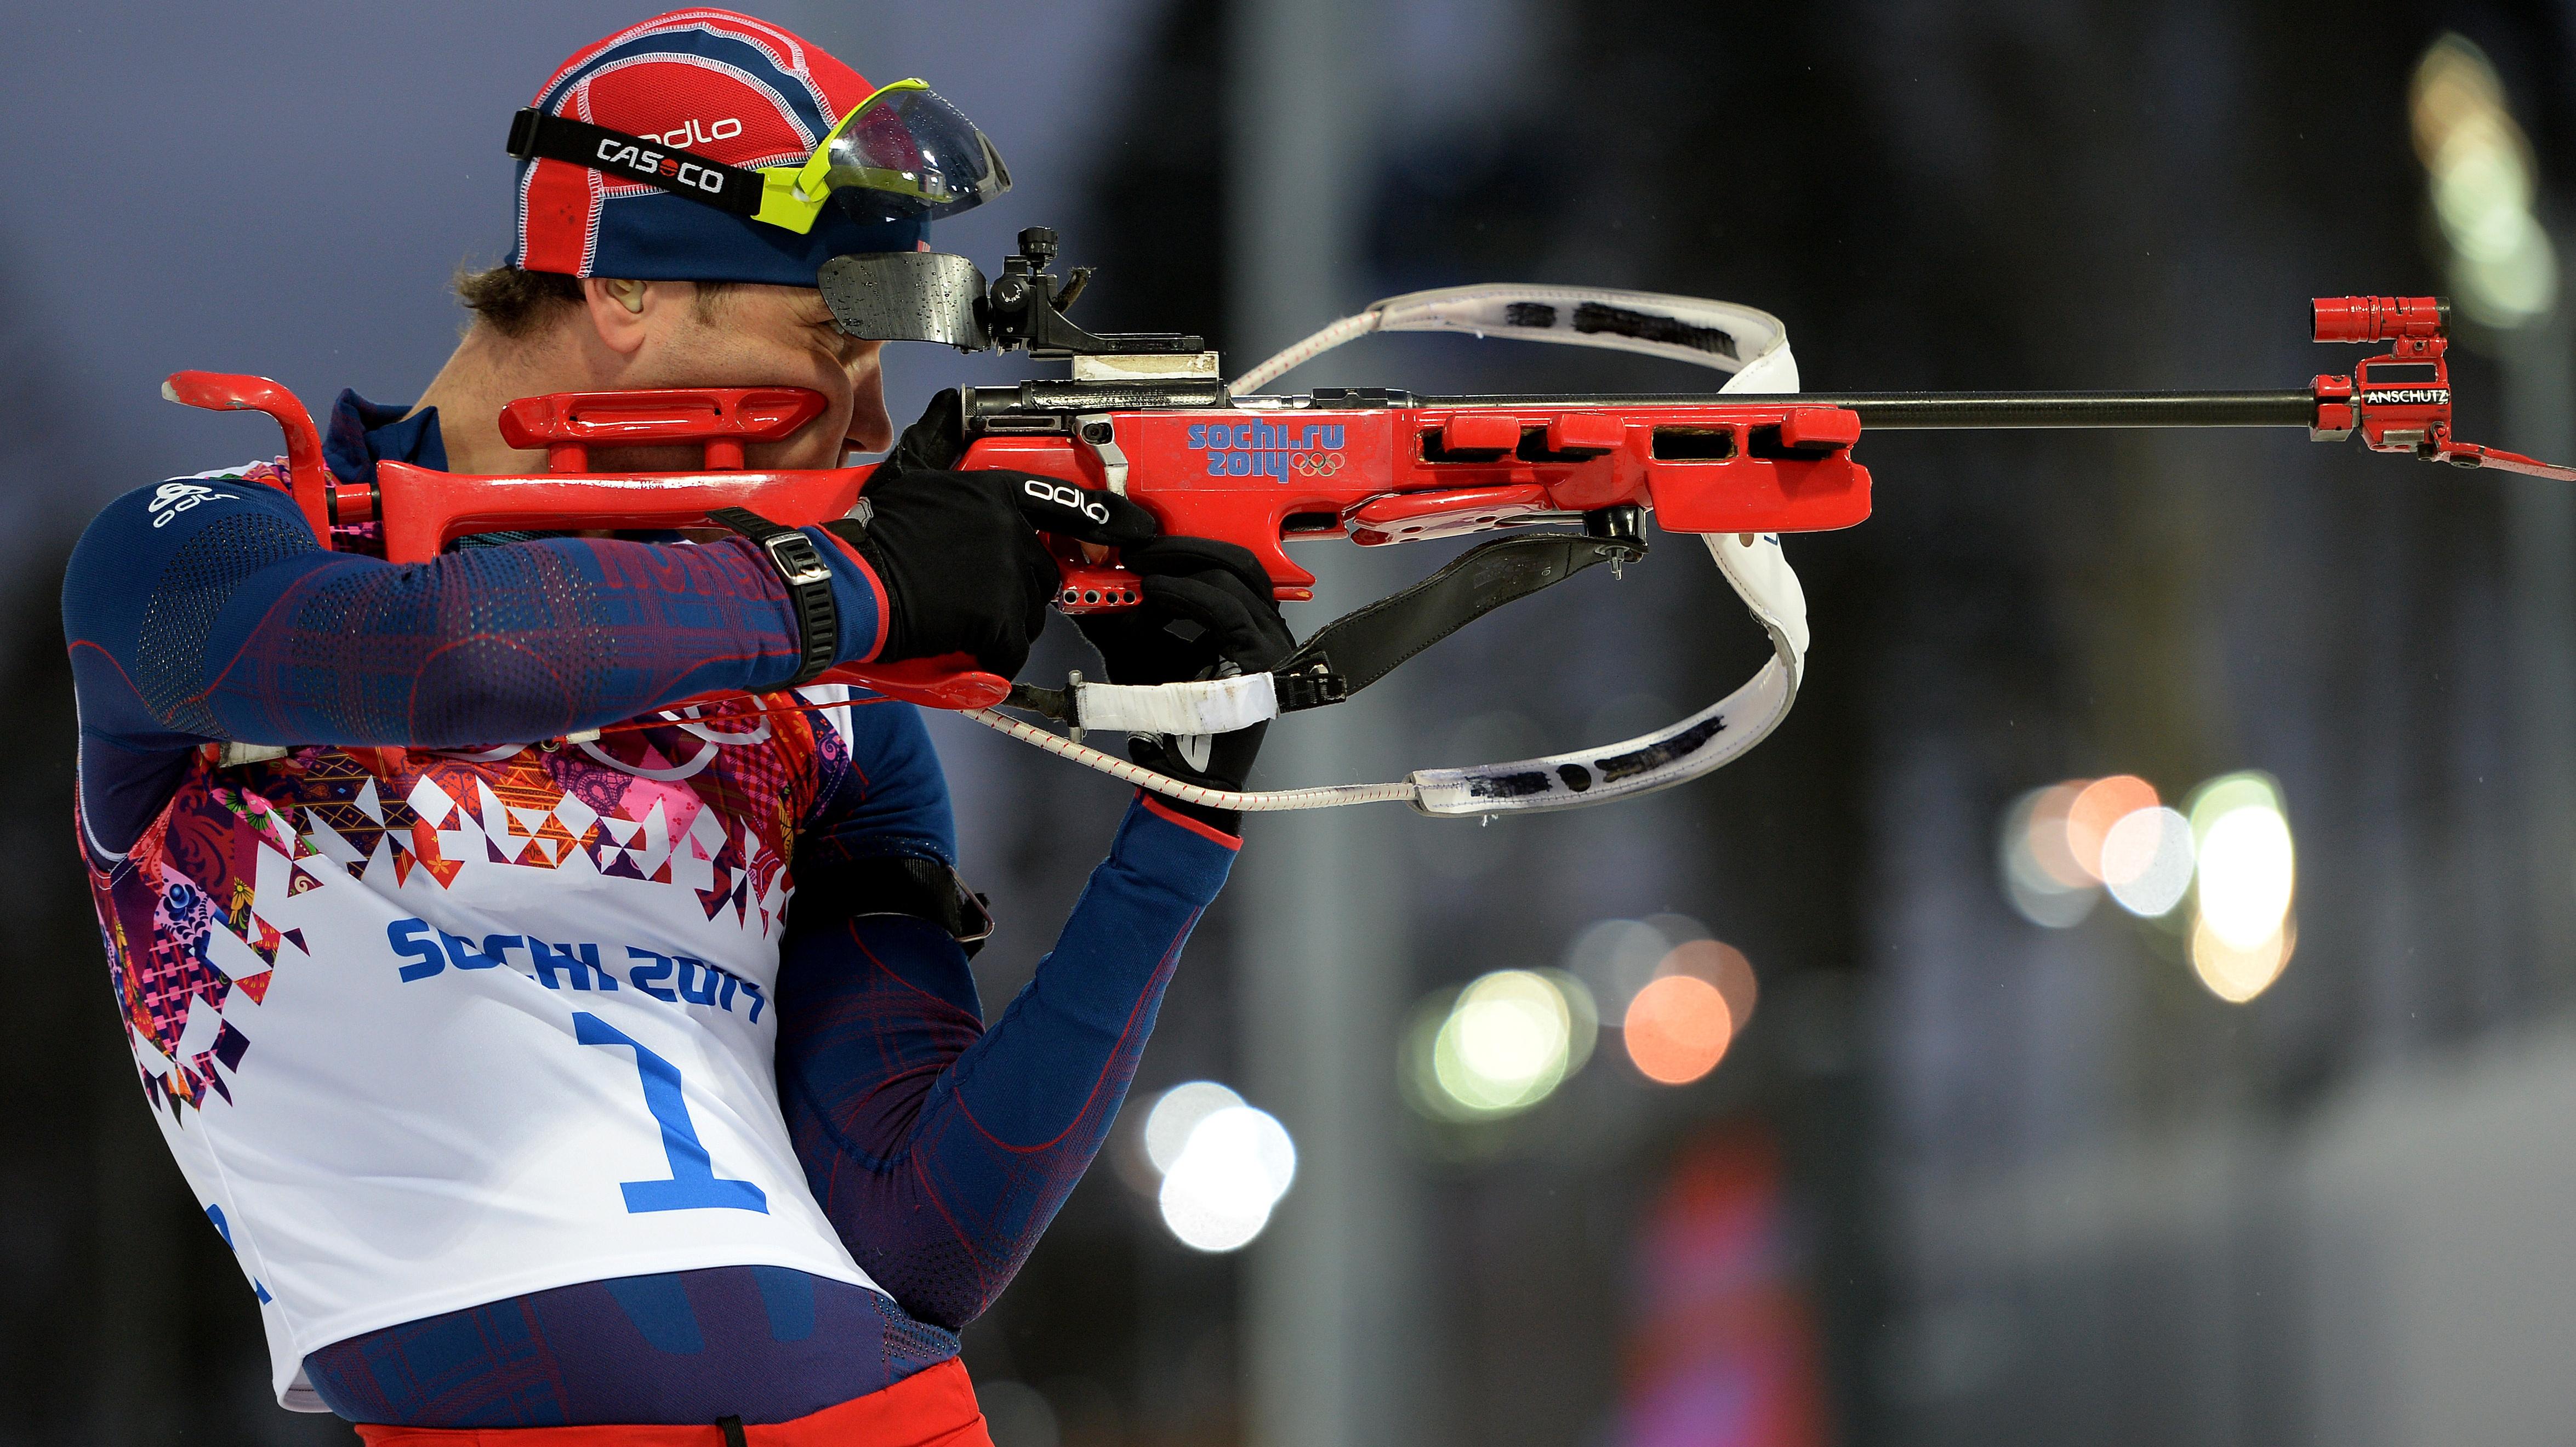 Biathlon Wallpaper 10   4700 X 2640 stmednet 4700x2640